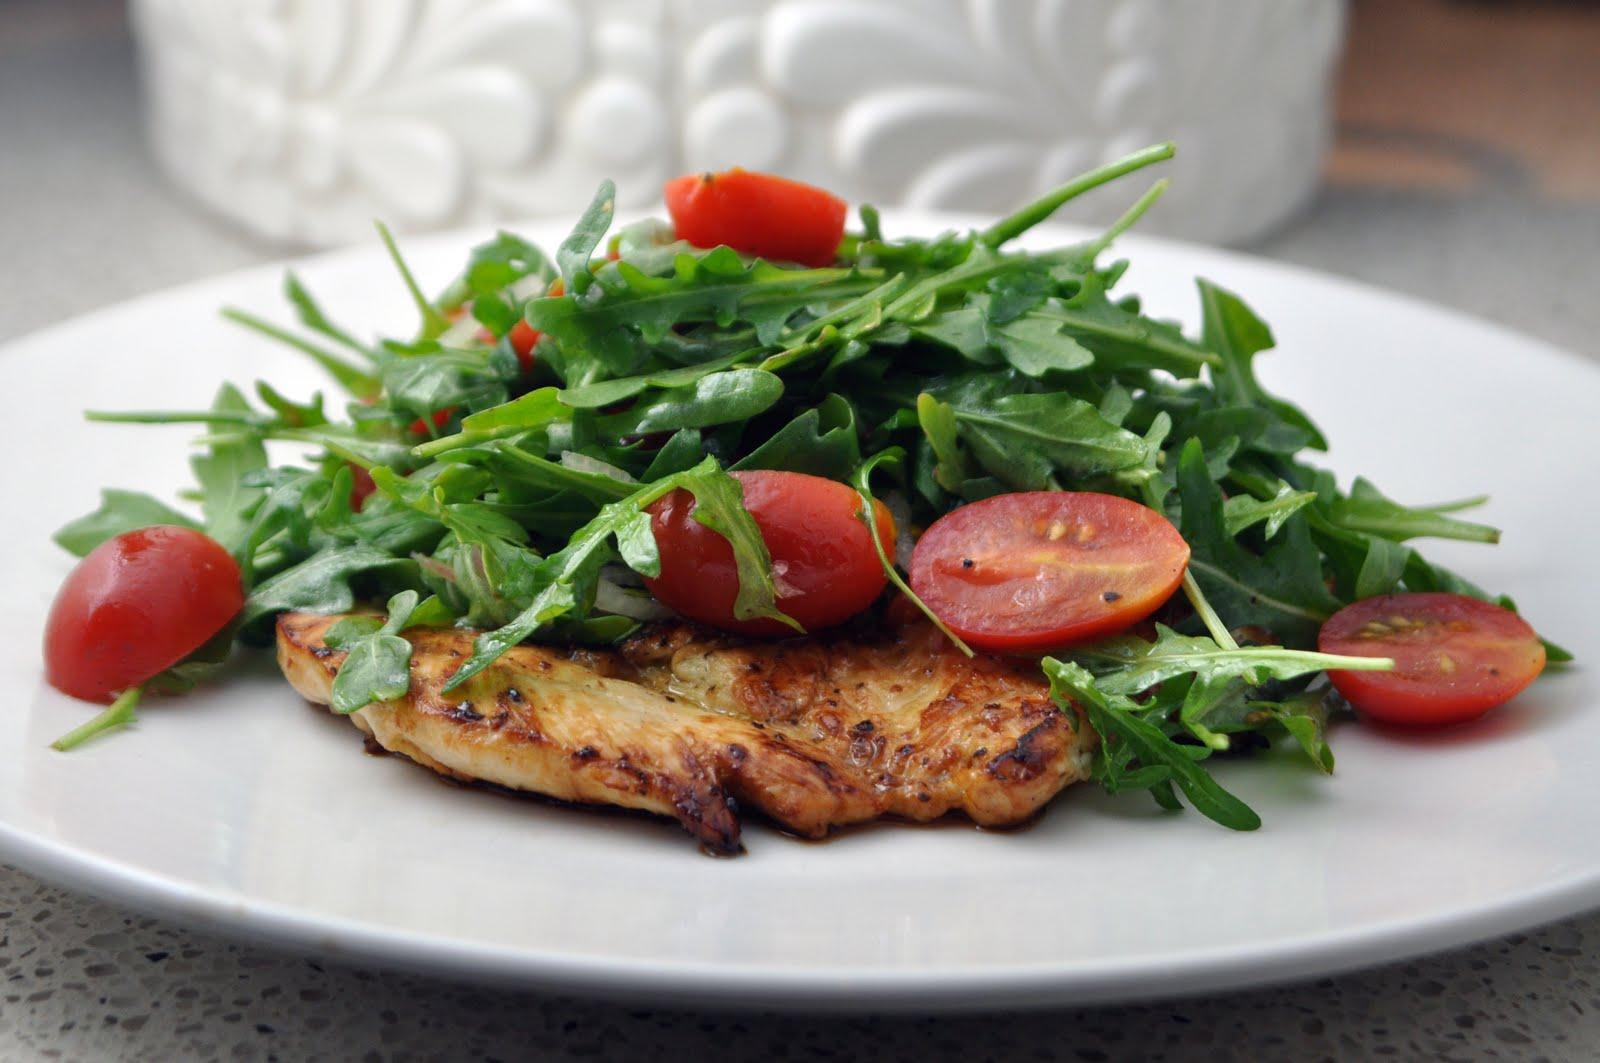 Impeccable Taste Chicken Paillard With Arugula Tomato Salad